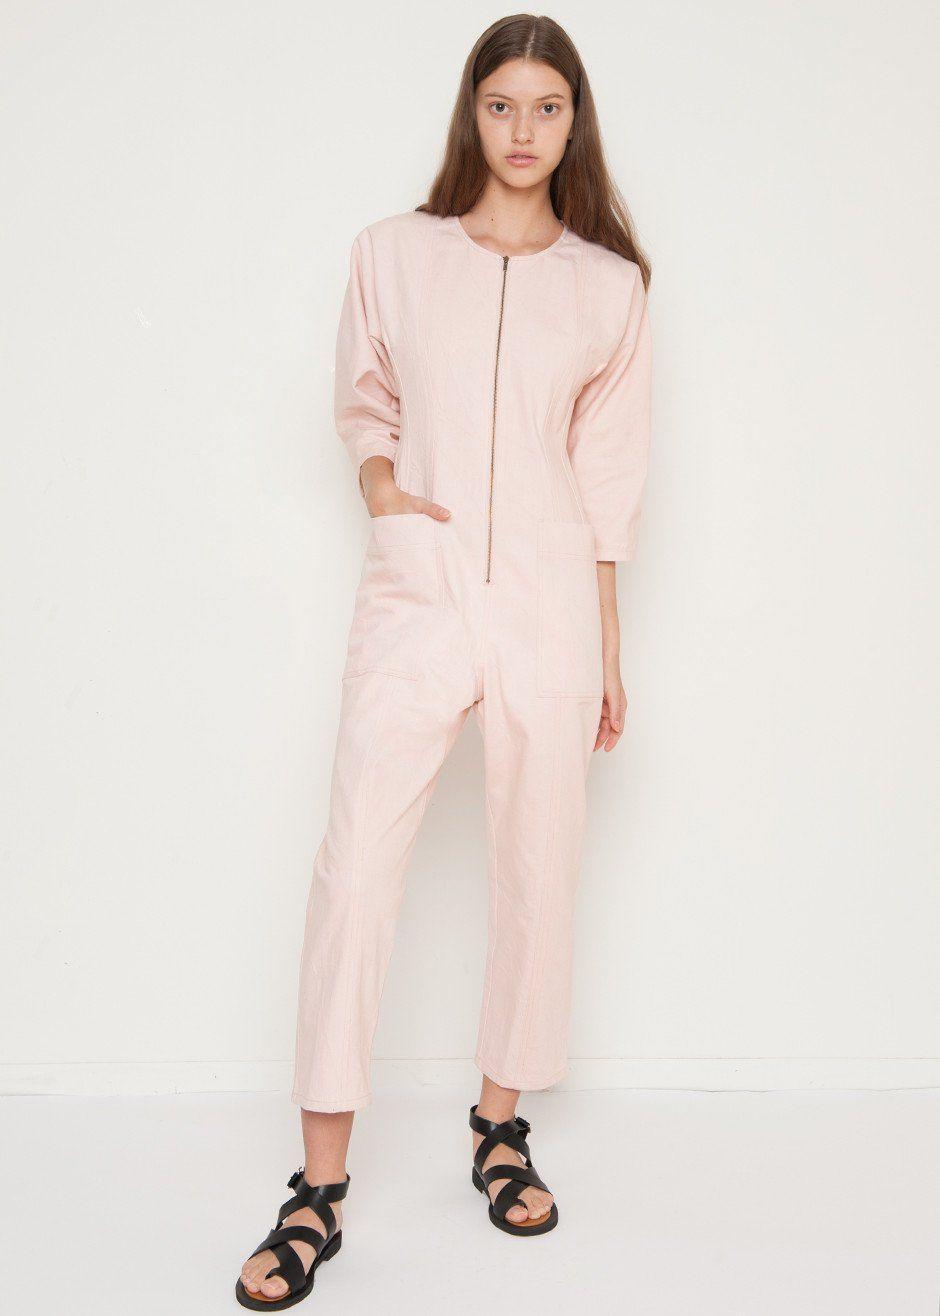 e6fa08f1adb  newarrivals  apieceapart  flamethrower  denim  pink  jumpsuit   thefrankieshop  frankienyc  frankiegirl Pink